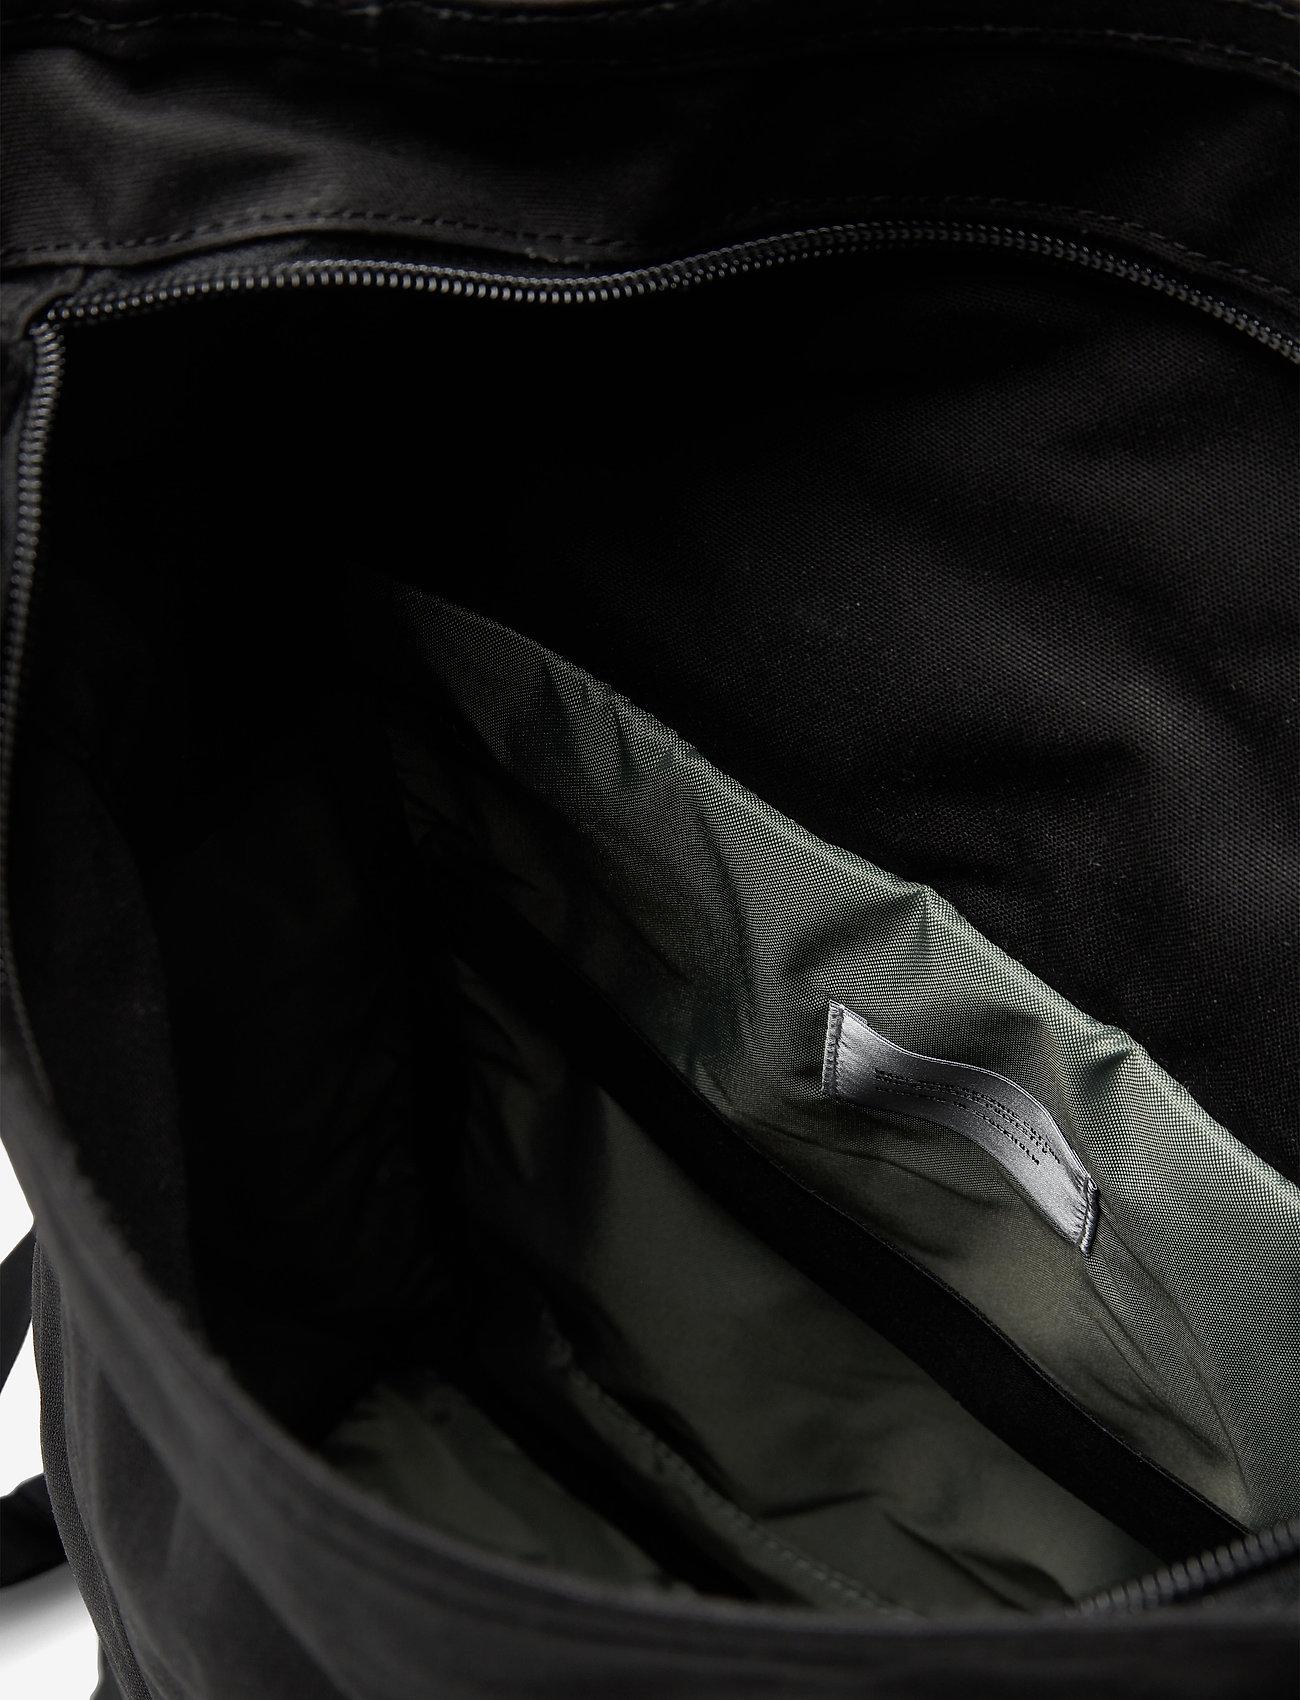 SANDQVIST - KAJ - bags - black with black webbing - 5